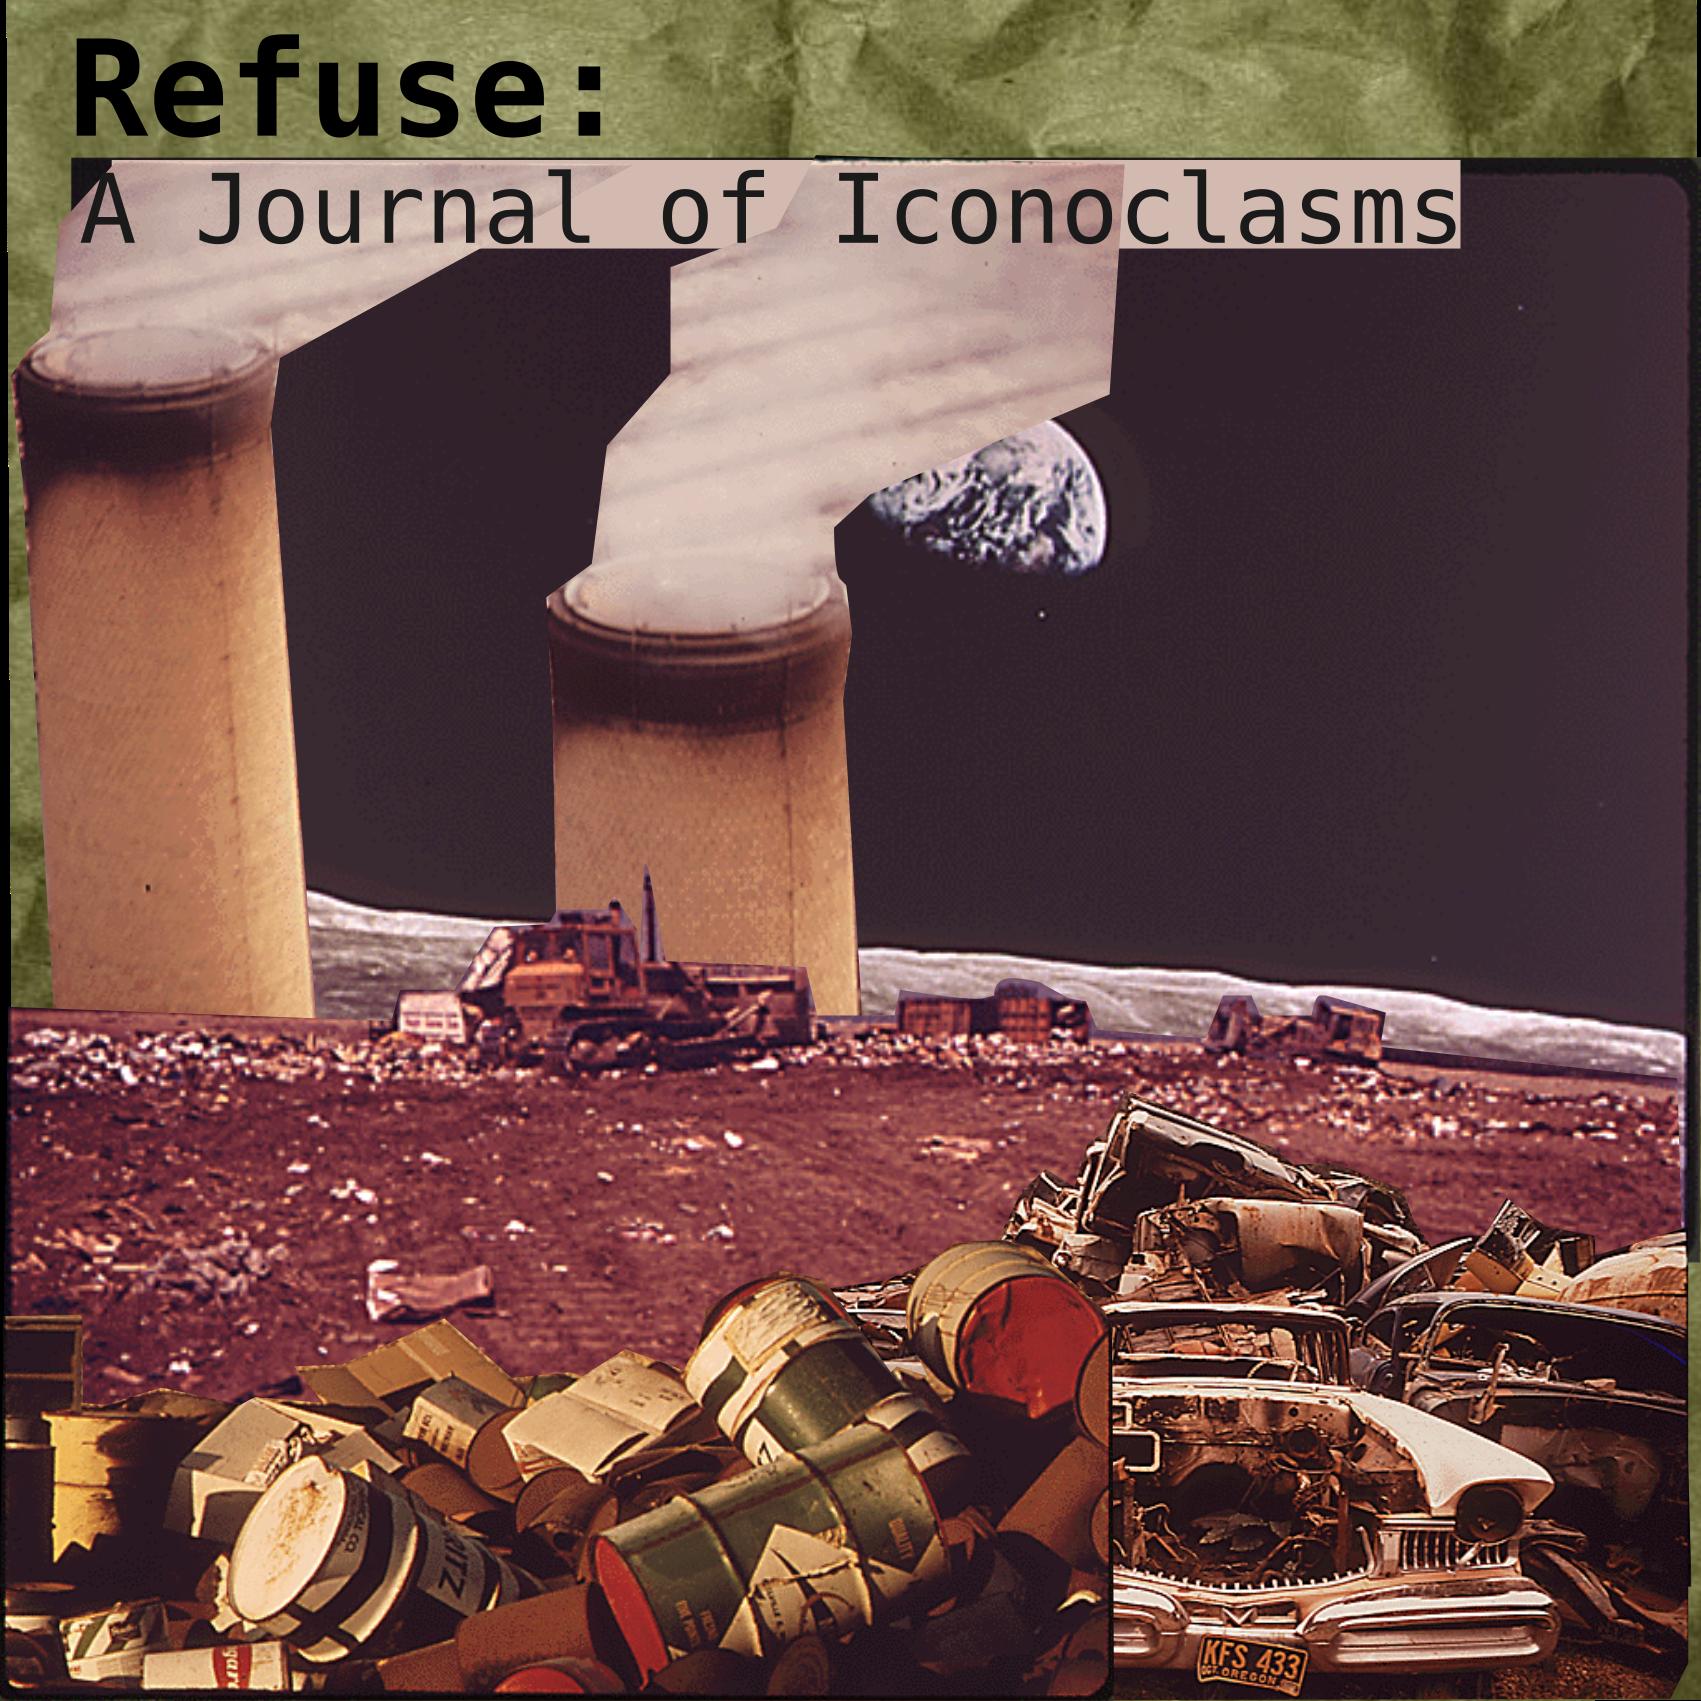 refuse-socialmediapost